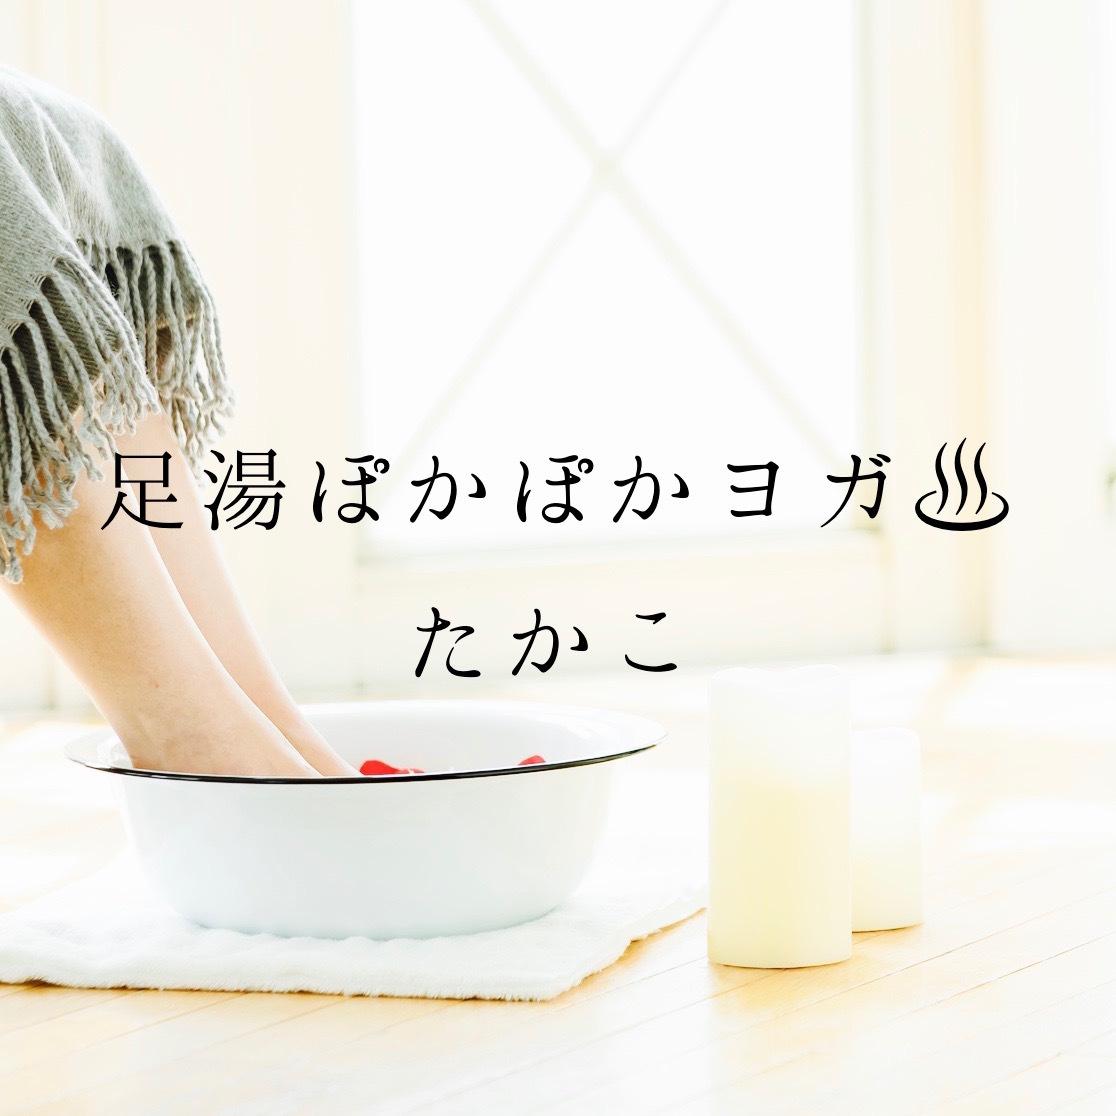 足湯ぽかぽかヨガ/講師:たかこ【運動量★★☆☆☆】【初心者の方おすすめ】